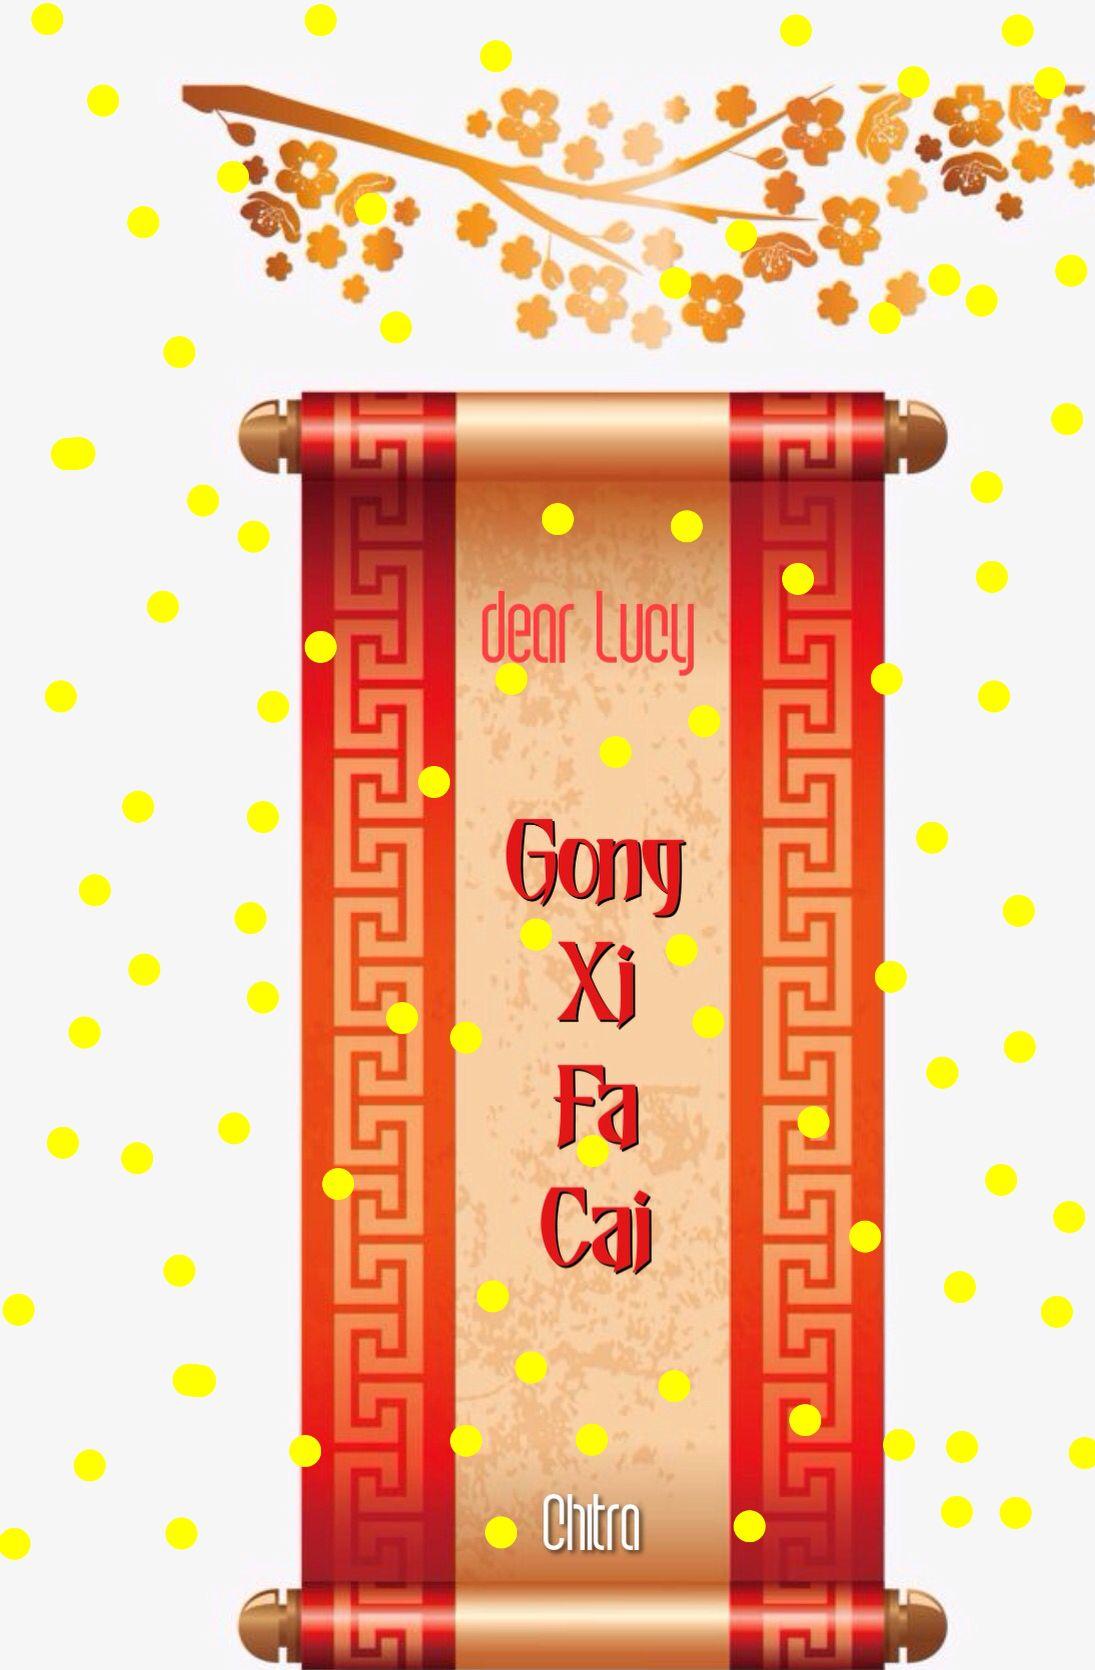 Gambar Personal Wishes CARD Oleh Chitra